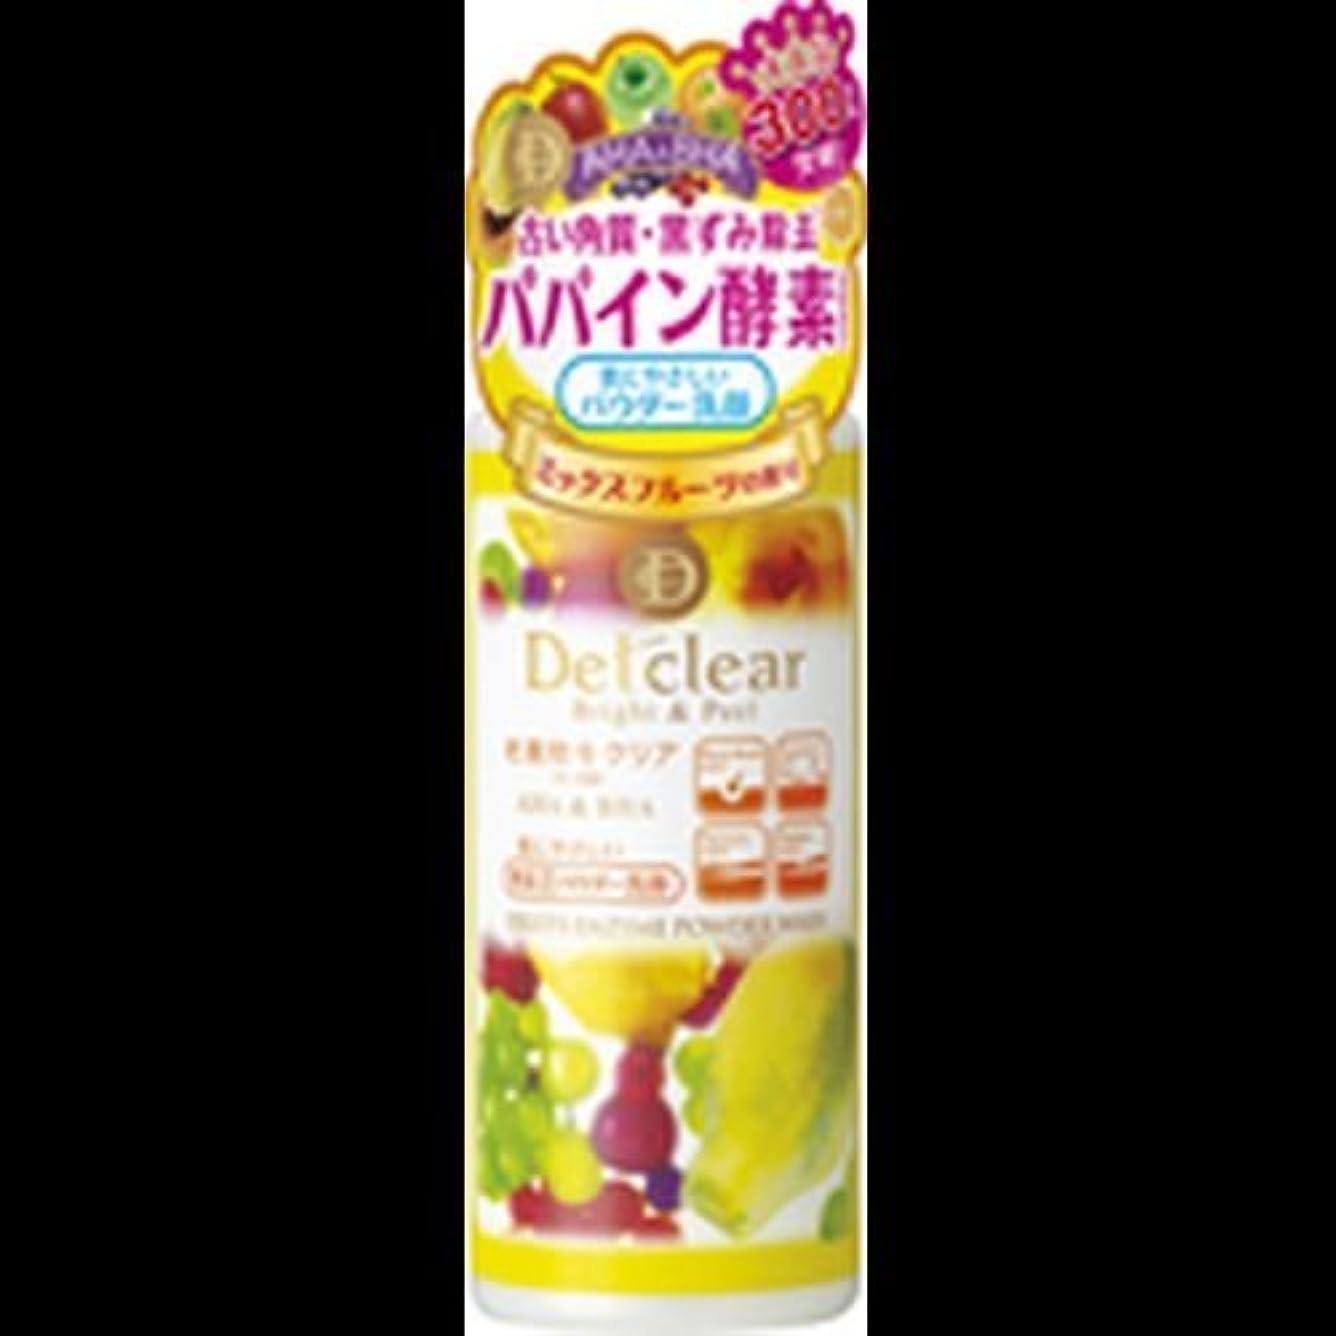 【まとめ買い】DETクリア ブライト&ピール フルーツ酵素パウダーウォッシュ 75g ×2セット